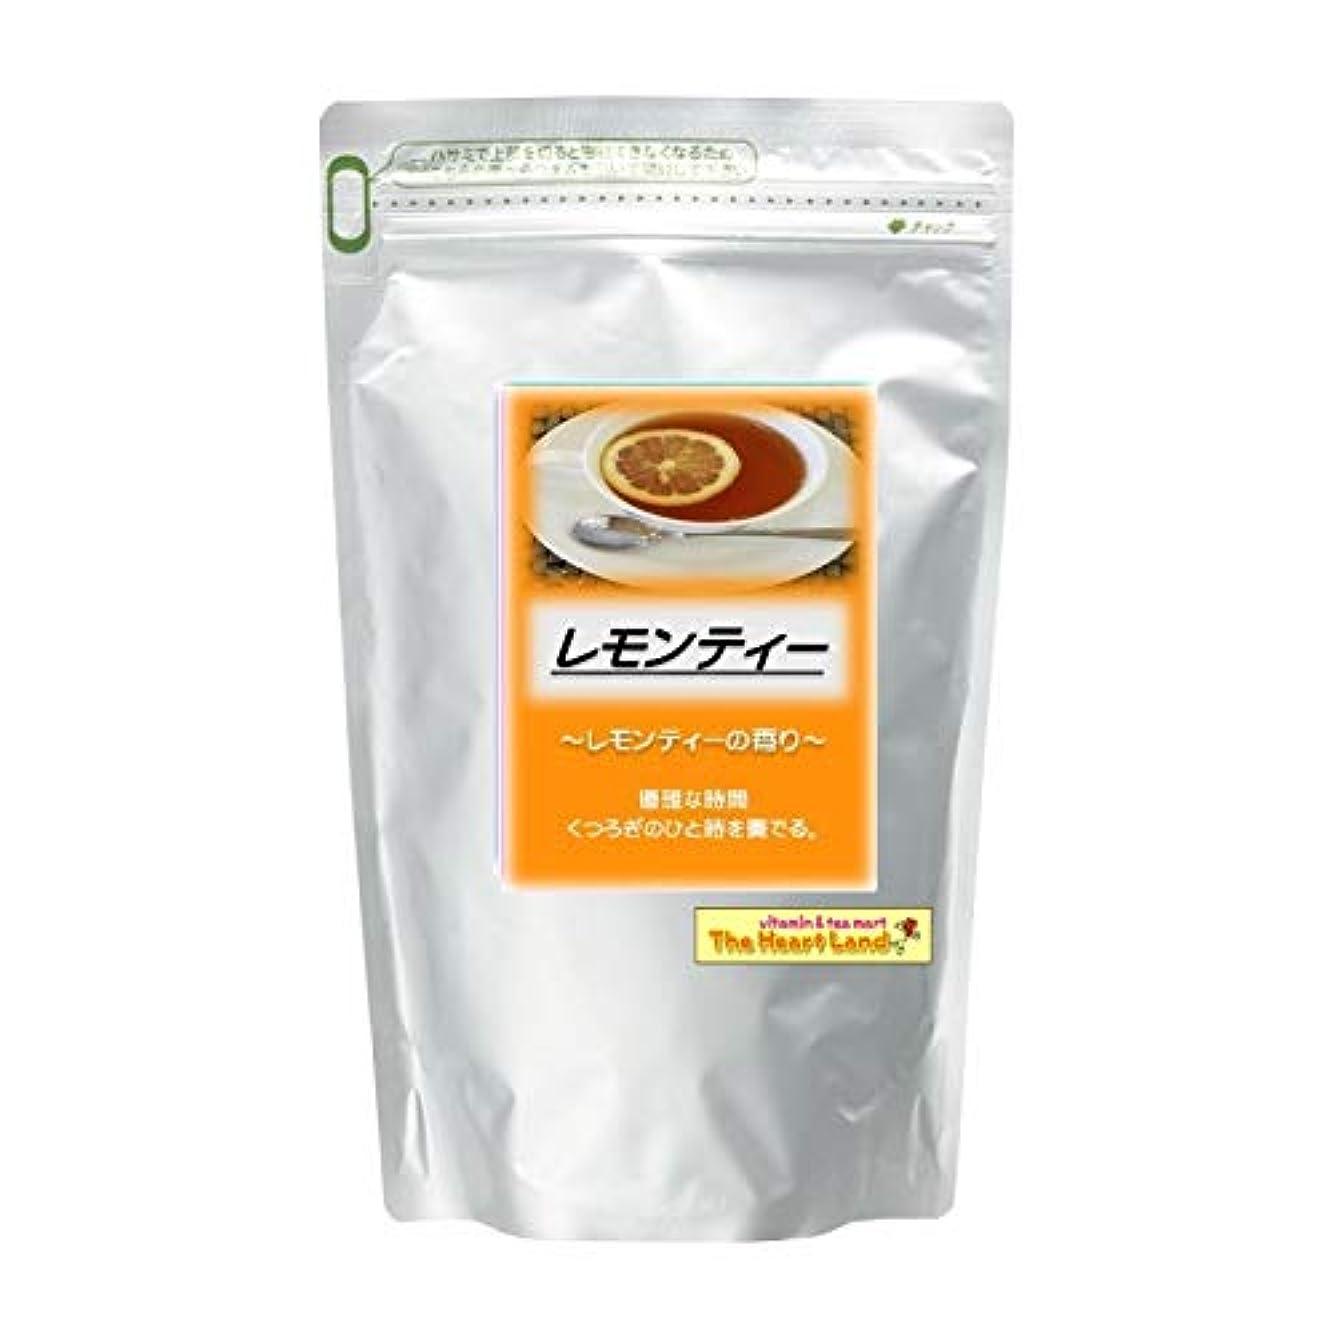 帝国保証する小道アサヒ入浴剤 浴用入浴化粧品 レモンティー 2.5kg